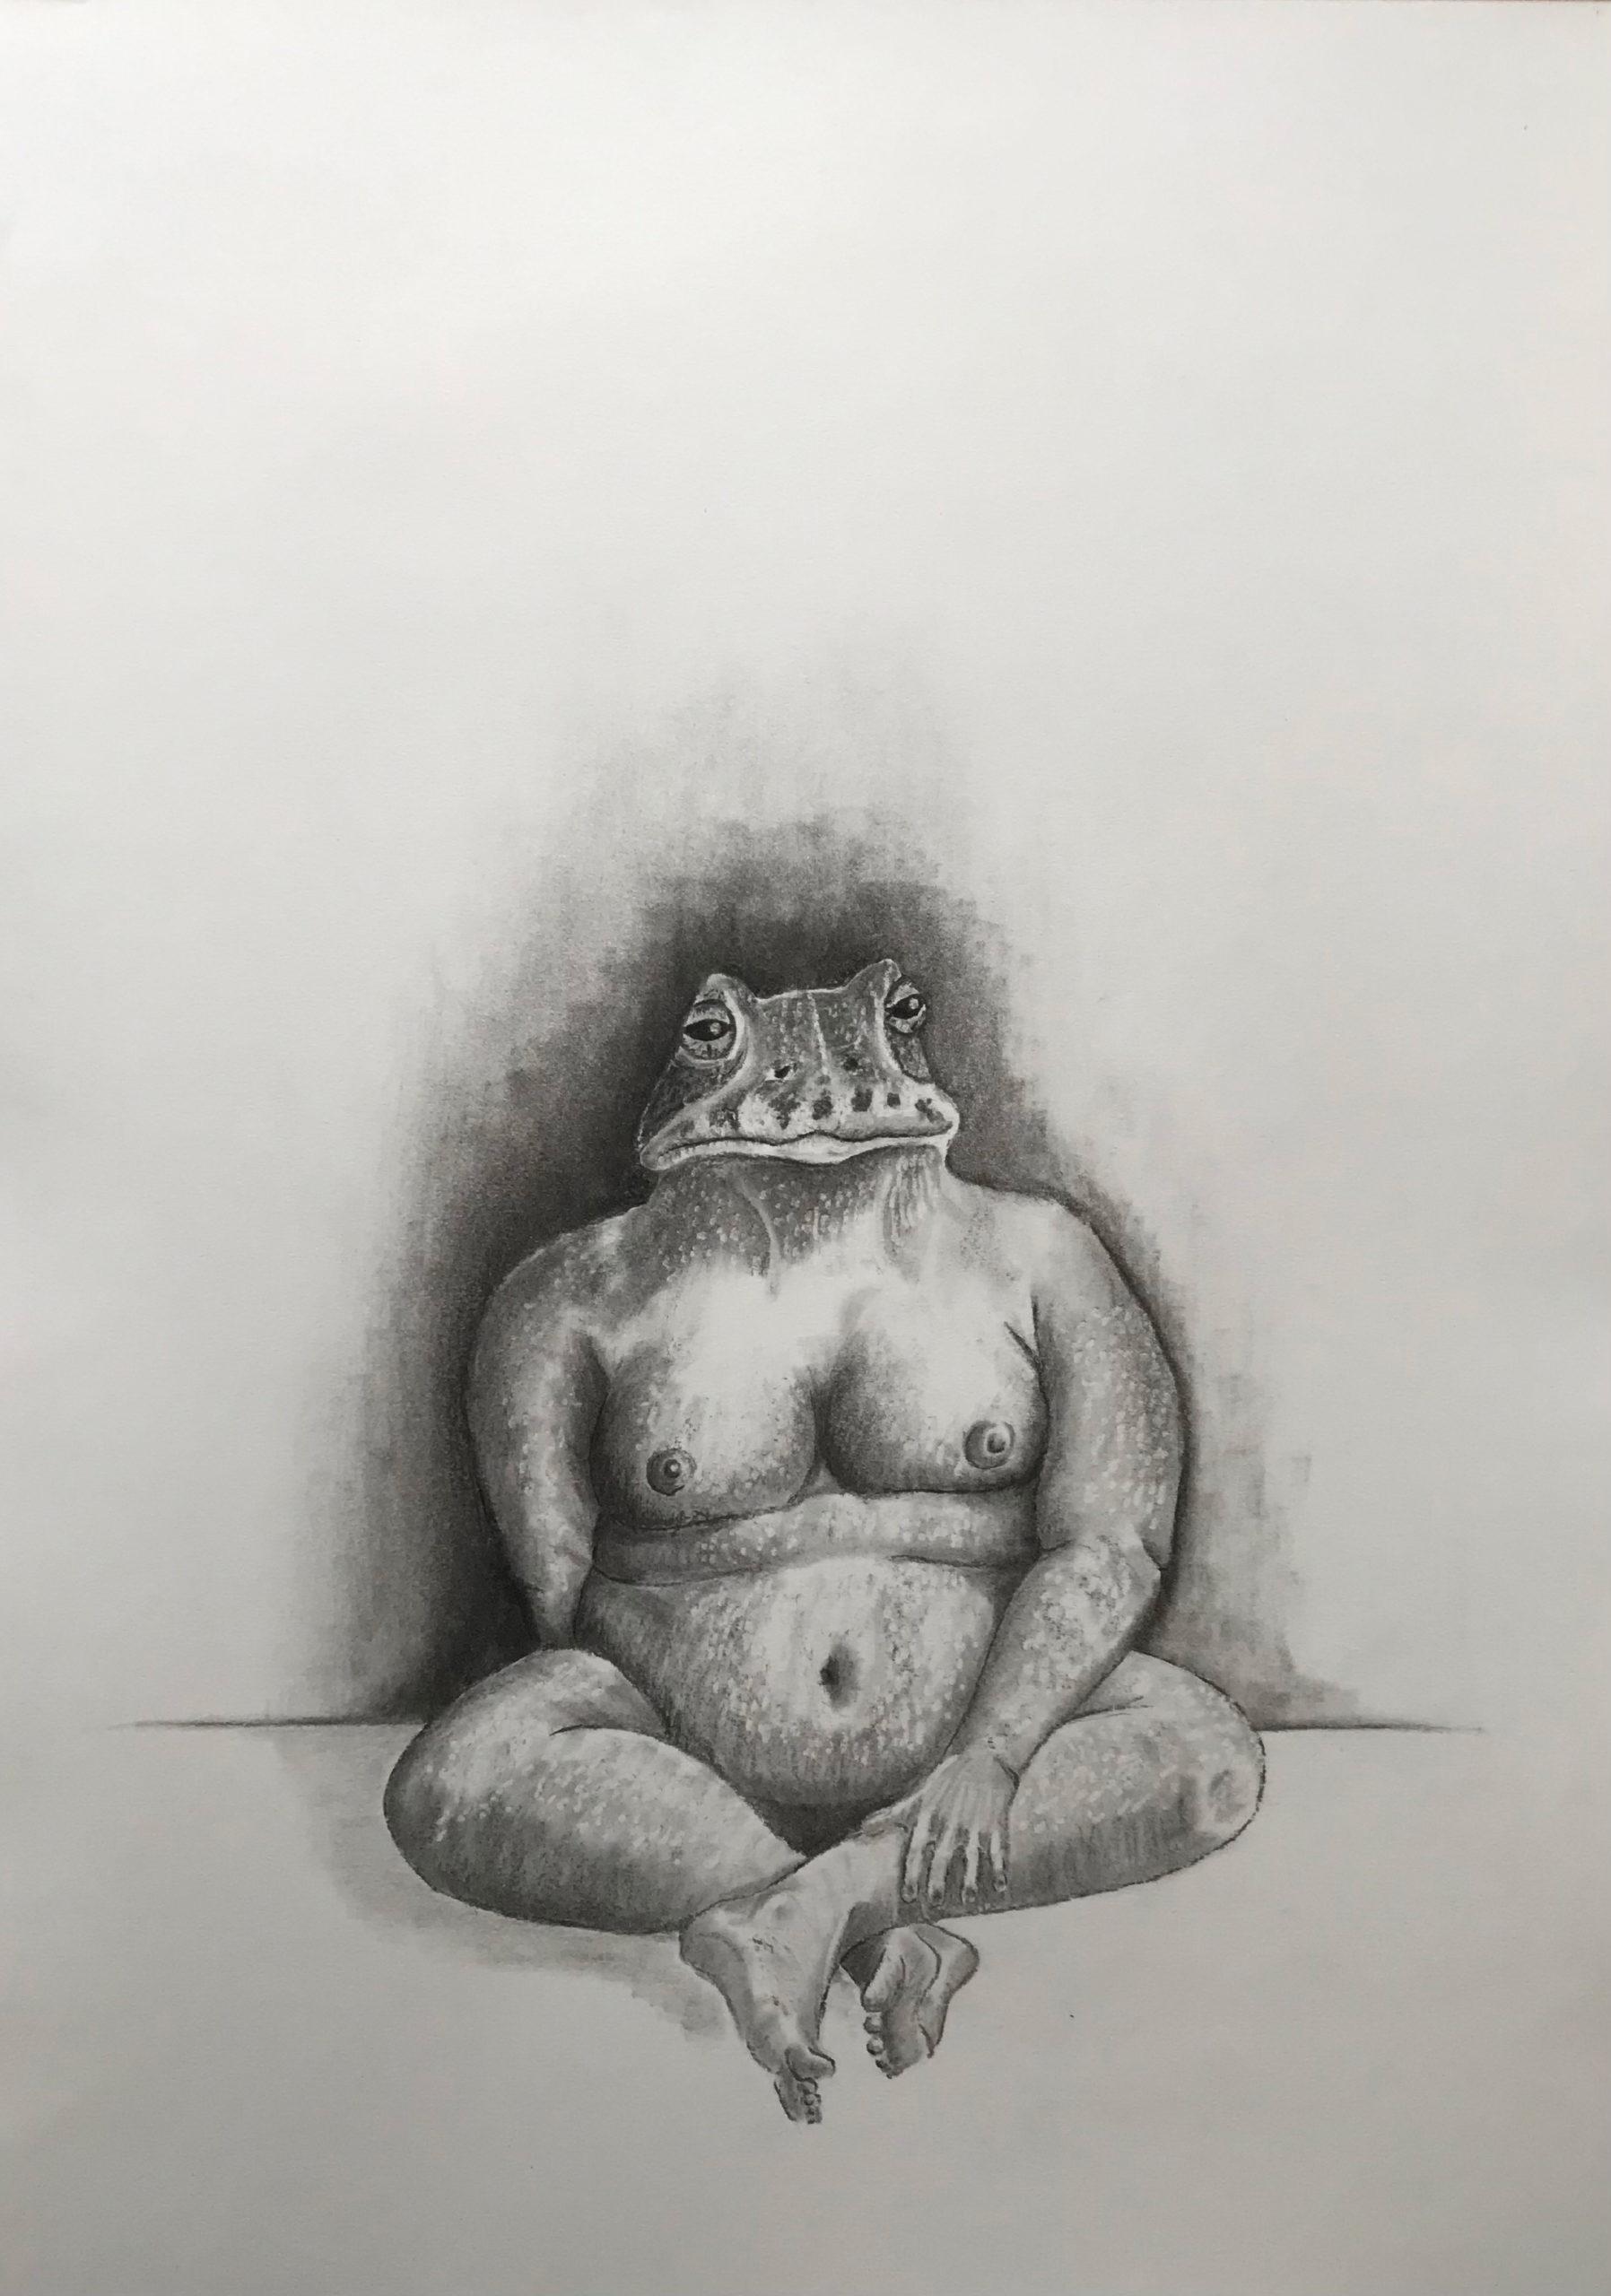 emma-martin-goddess_51164280195_o